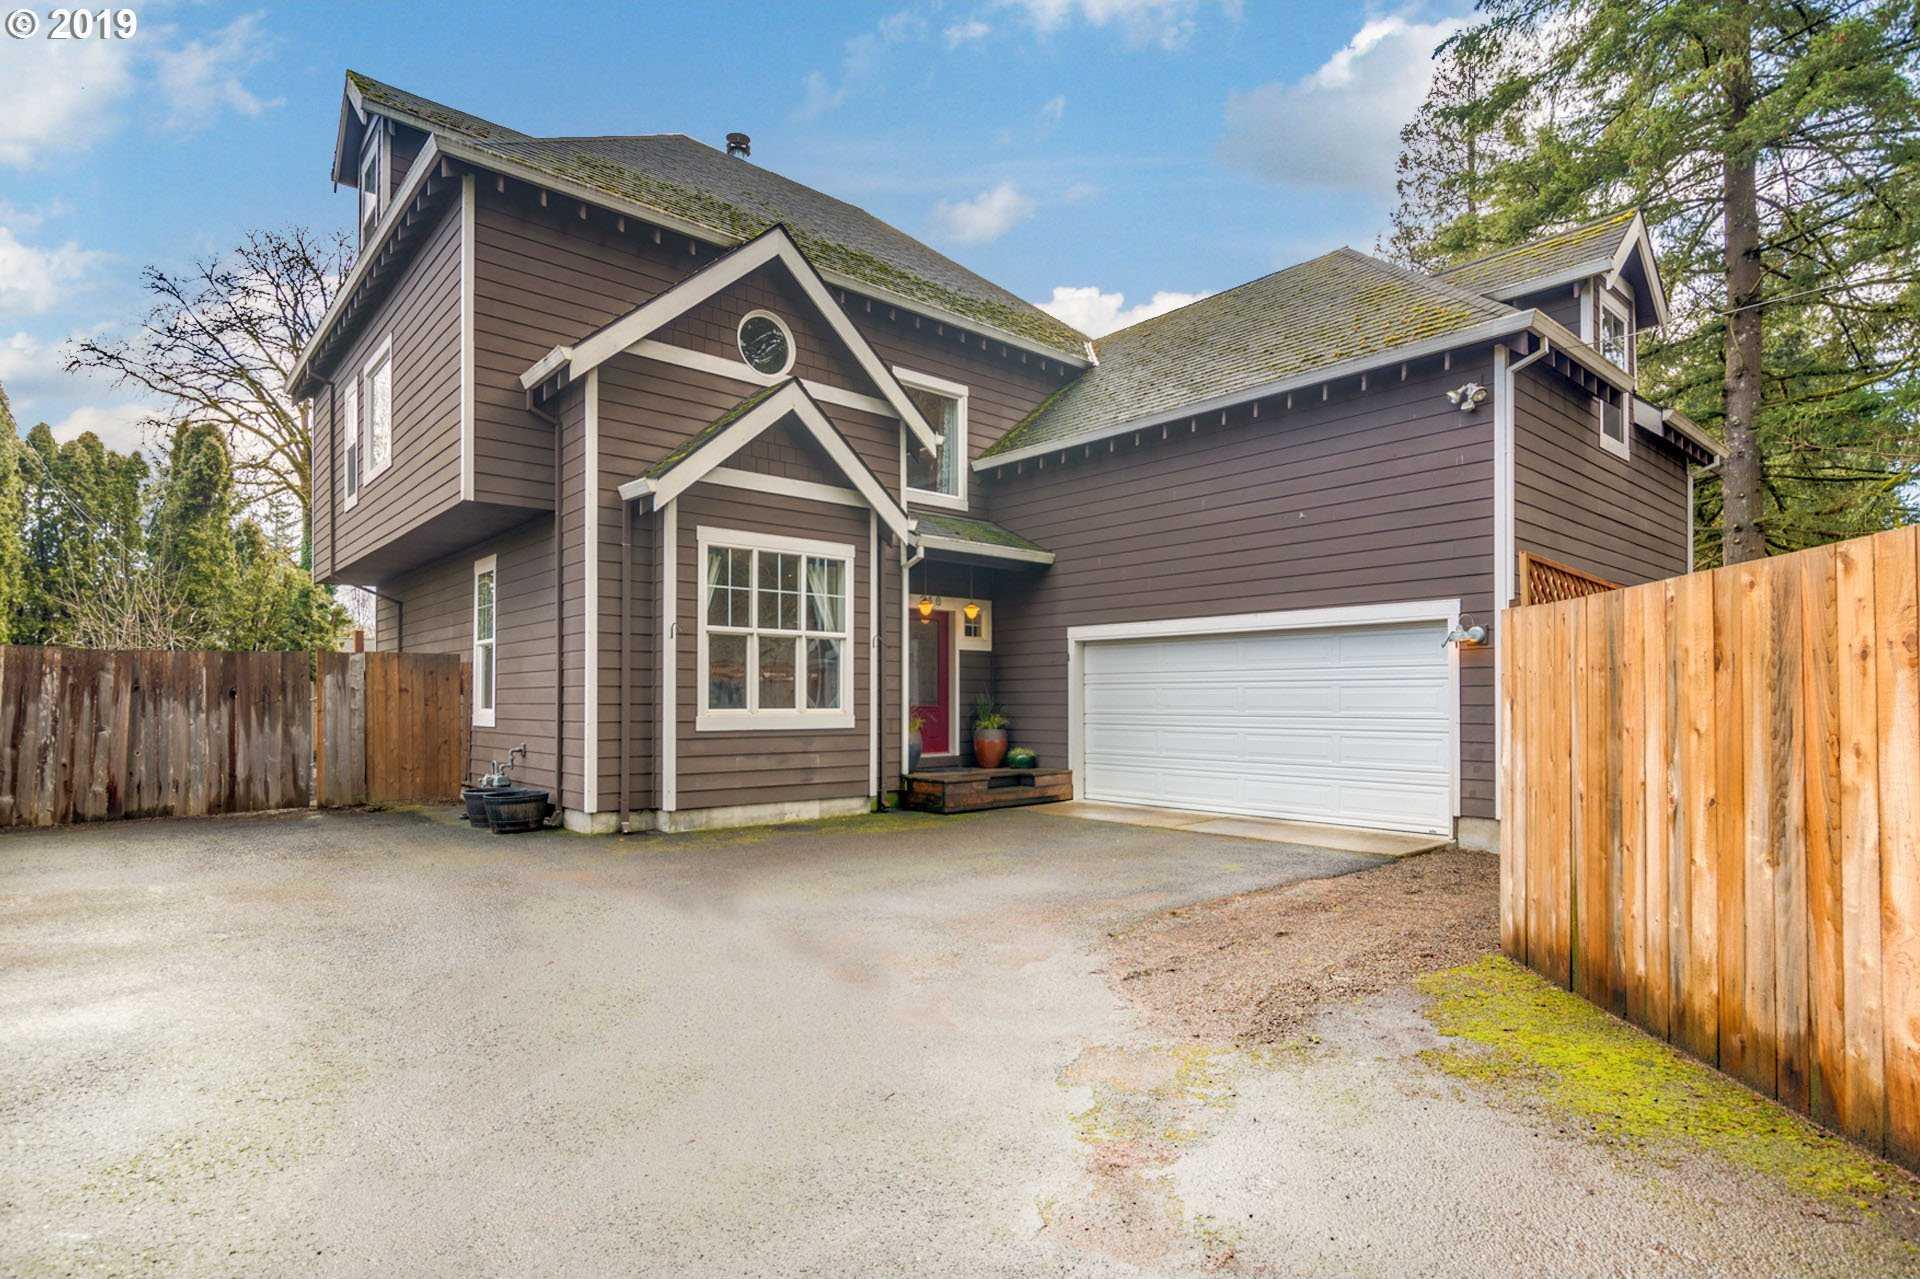 $499,000 - 4Br/3Ba -  for Sale in Central Hillsboro, Hillsboro